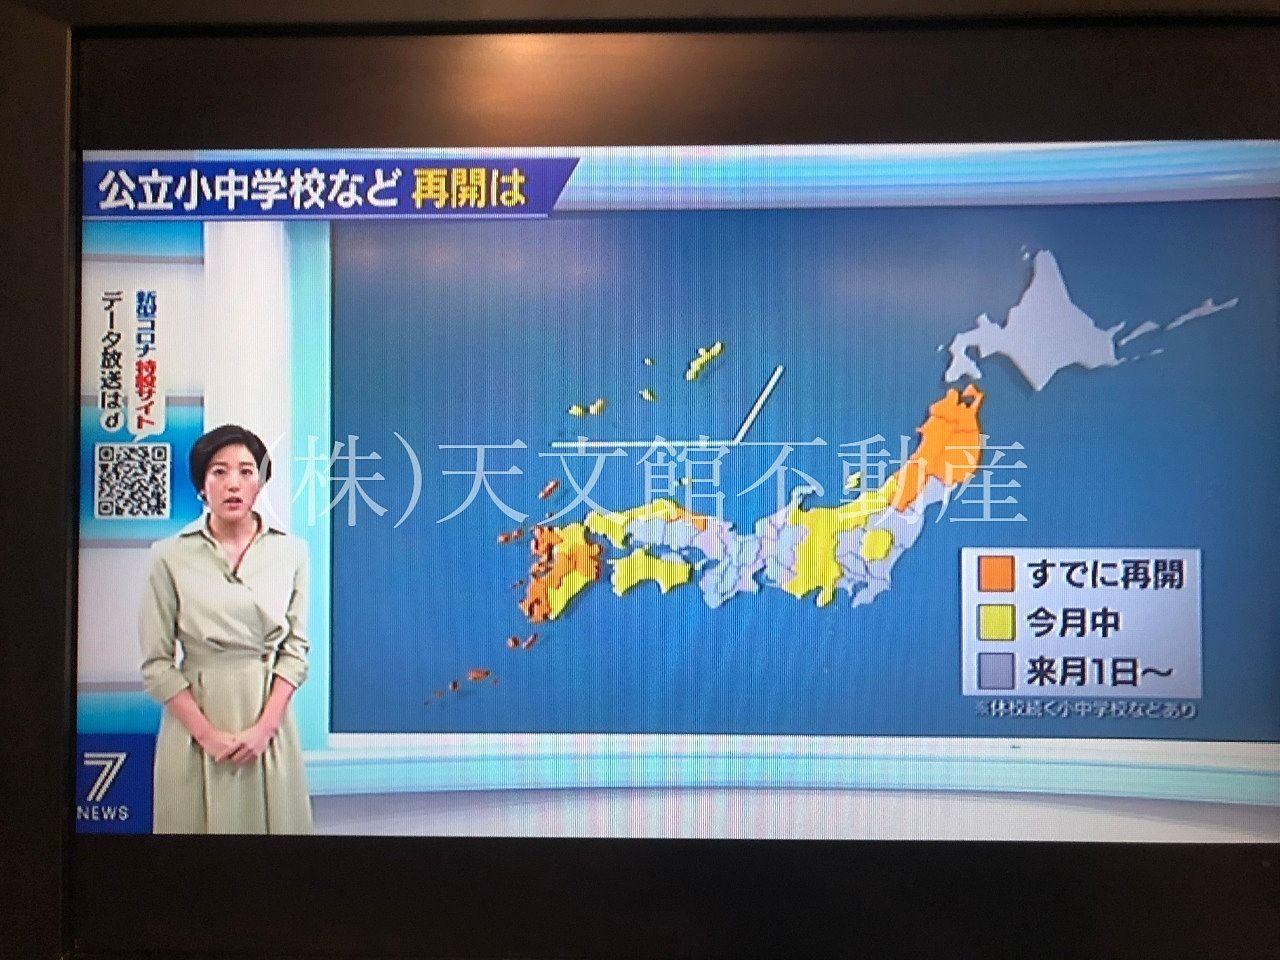 鹿児島県の小学校、中学校の再開は全国では早い方のようですね。